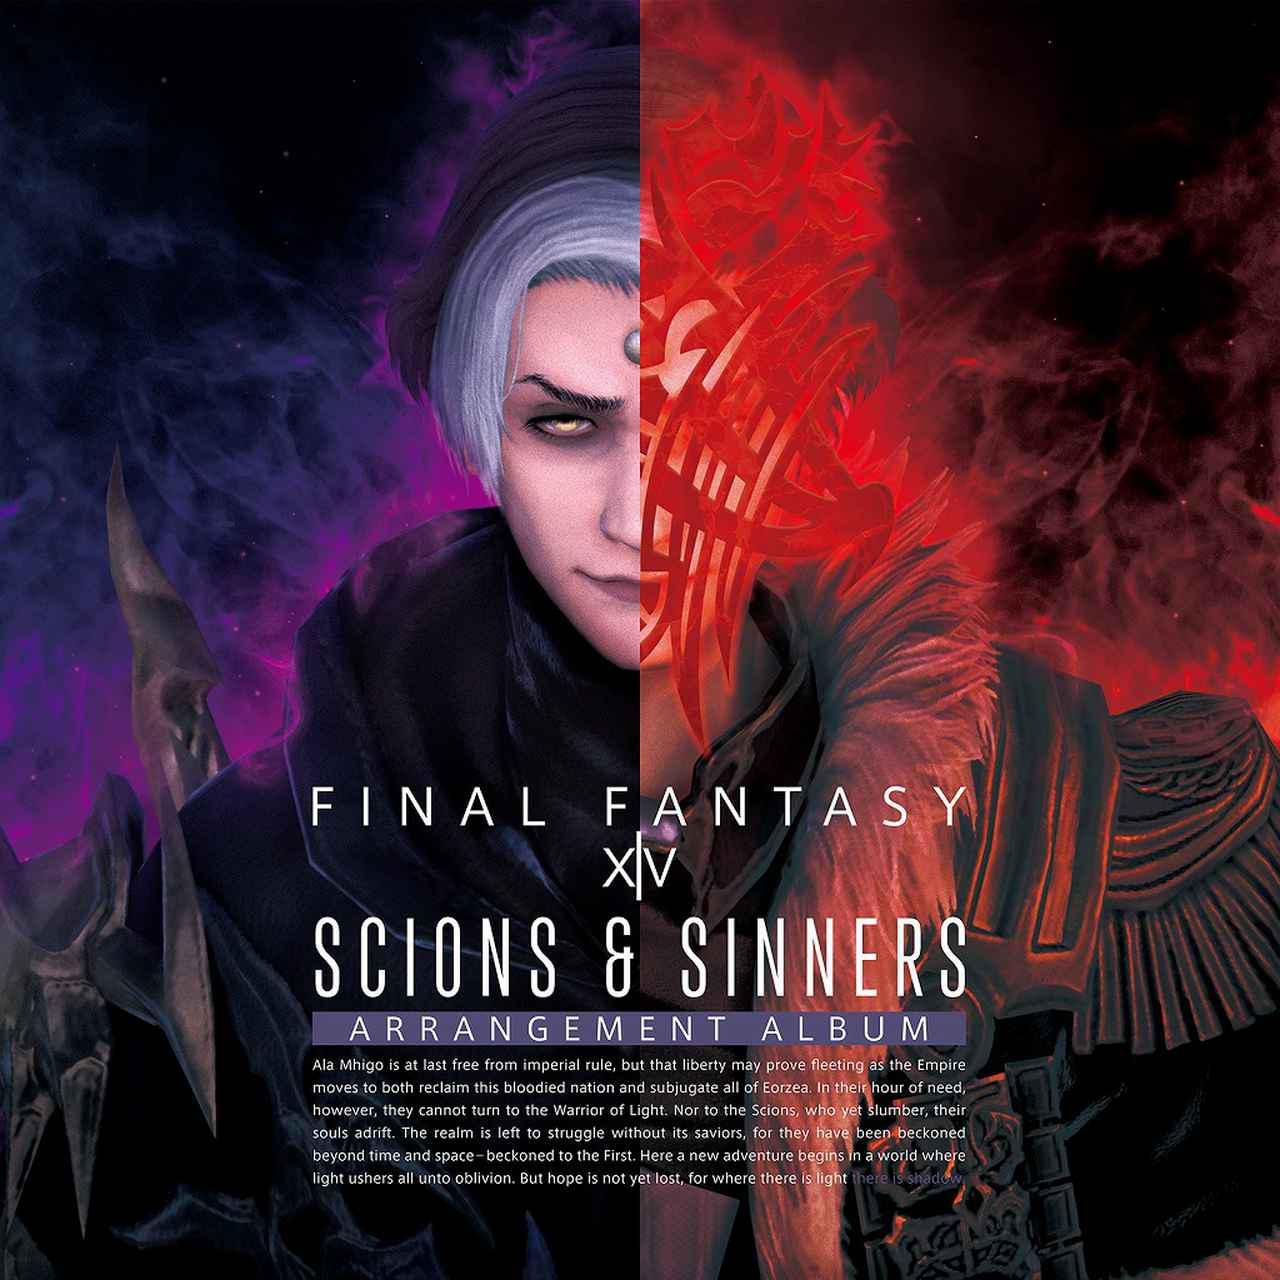 画像: Scions & Sinners: FINAL FANTASY XIV 〜 Arrangement Album 〜 / Keiko : THE PRIMALS